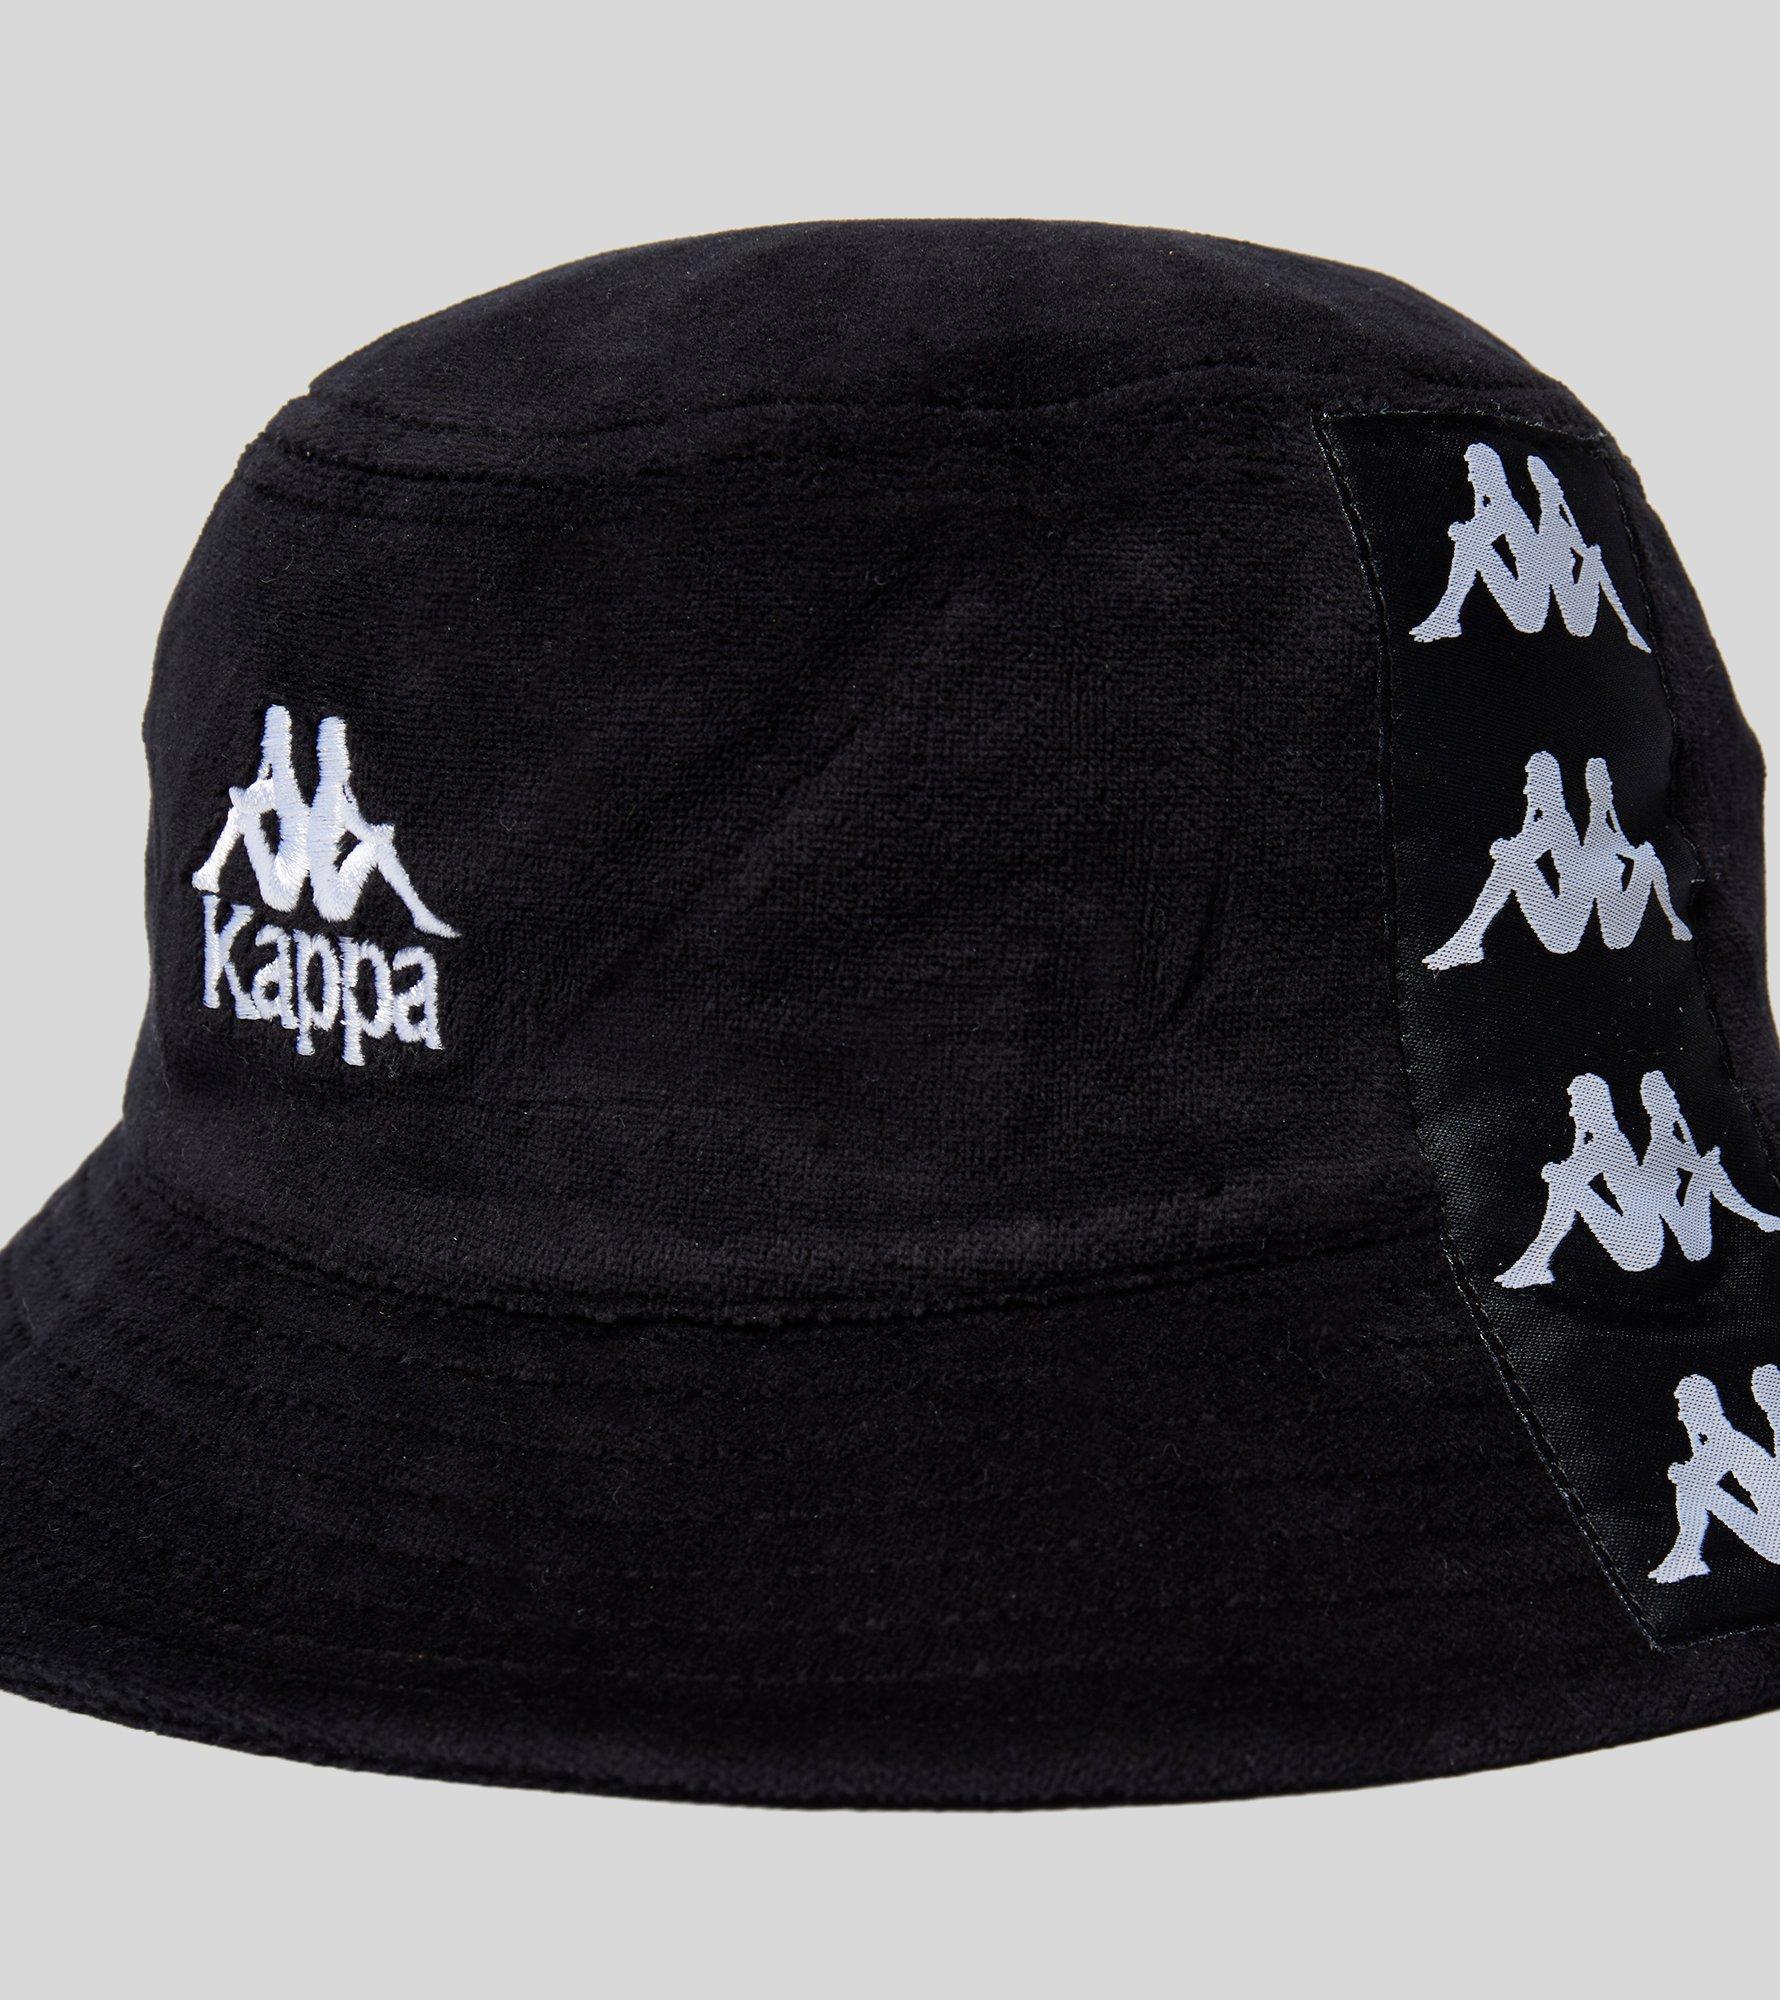 Lyst - Kappa Ayumen Bucket Hat in Black for Men c67932d049e